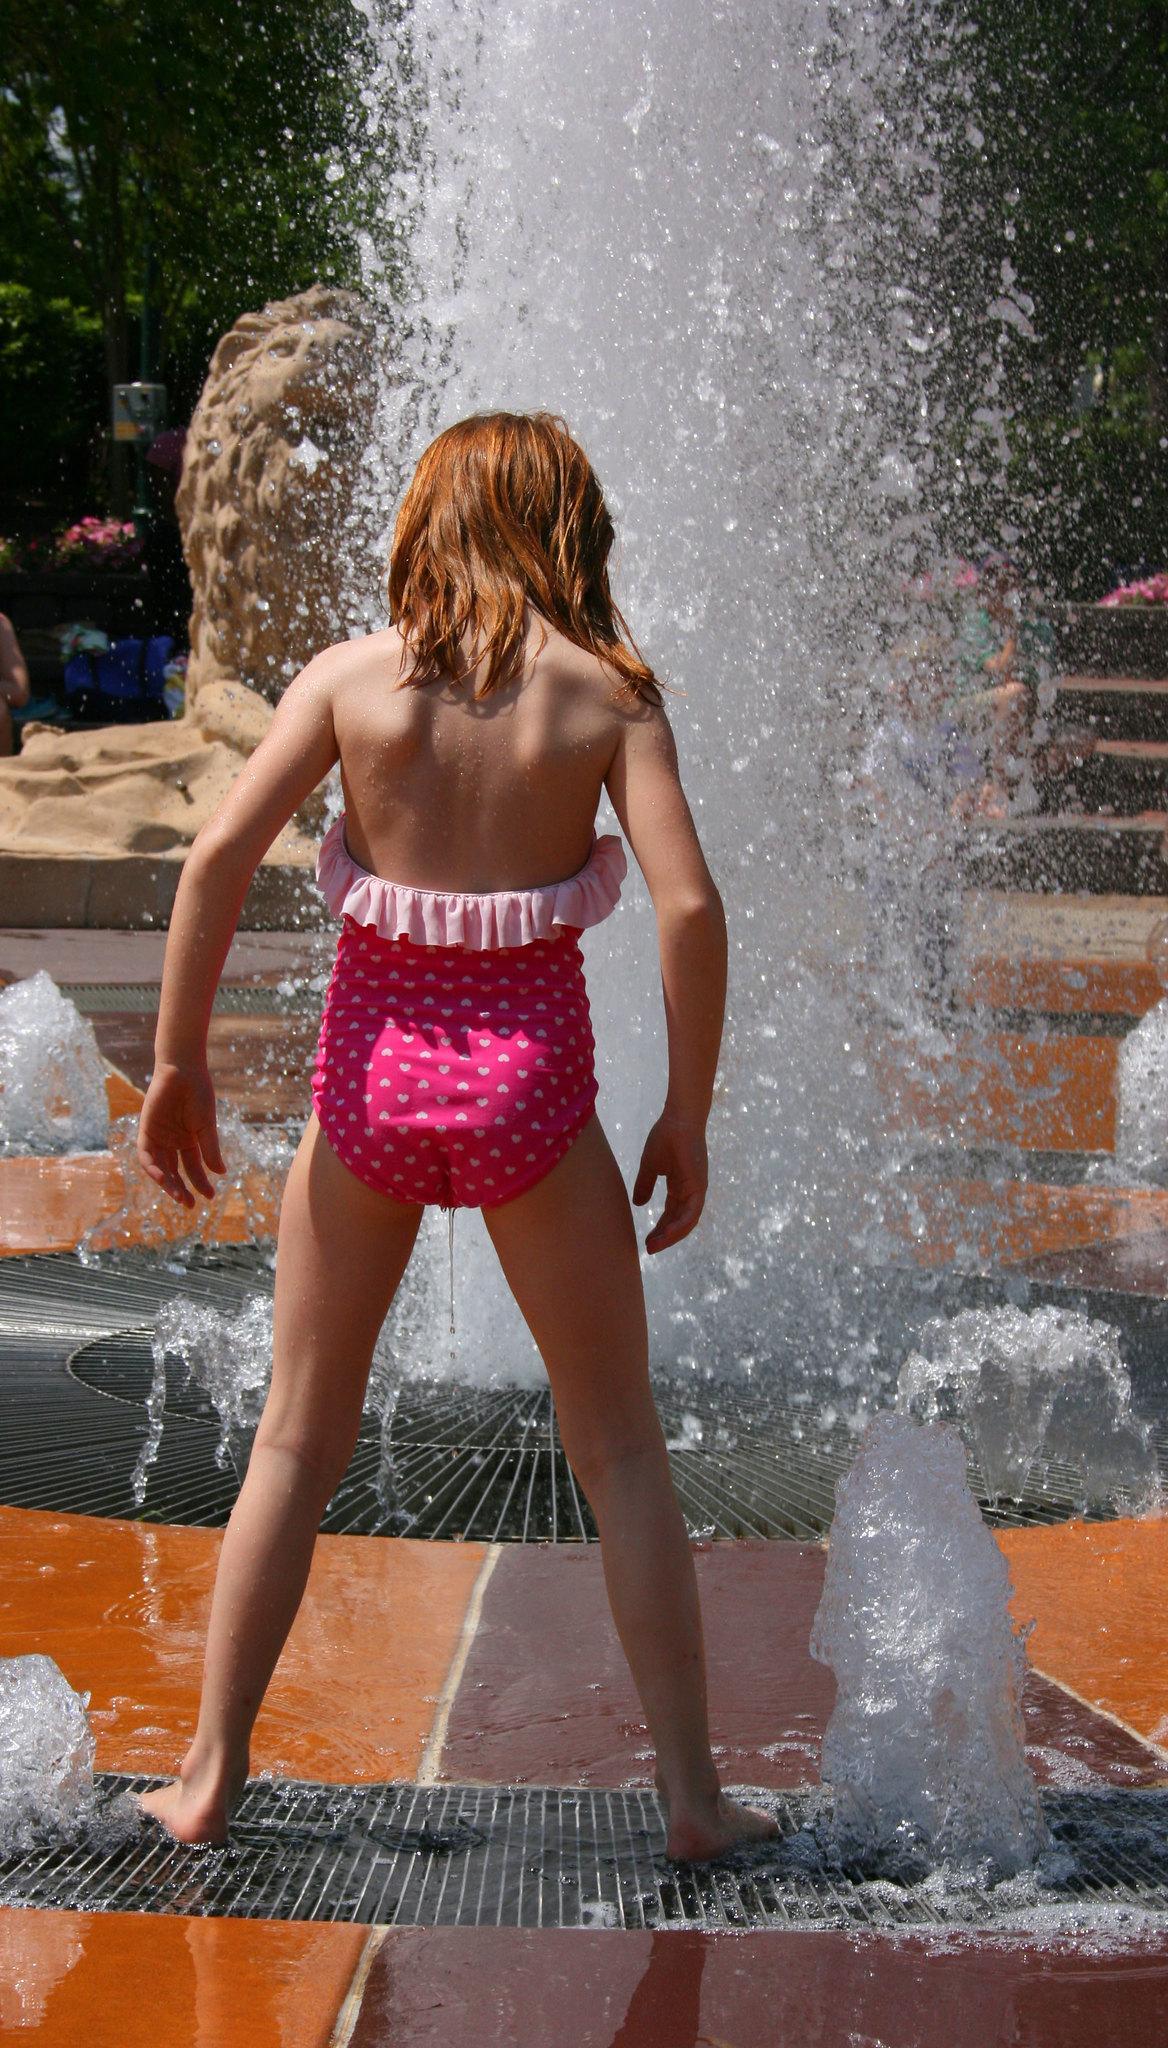 Little Girls Peeing - Bilder und Stockfotos - iStock